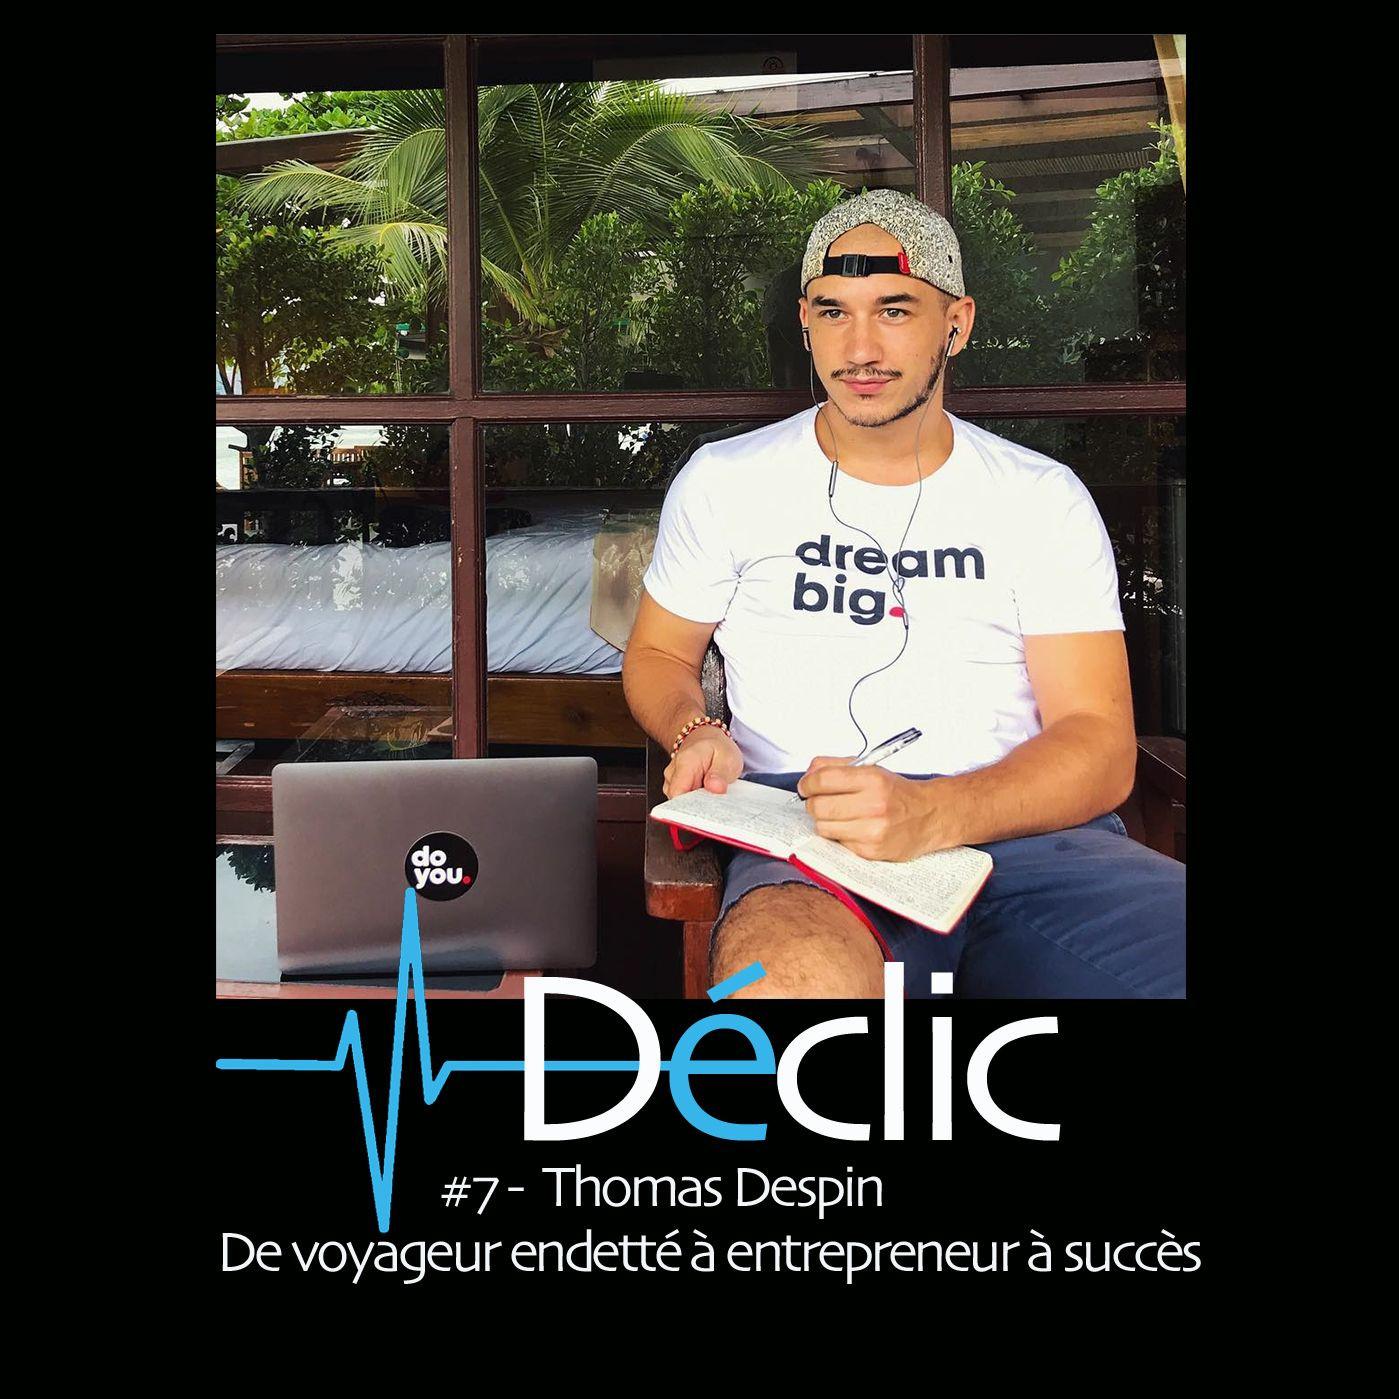 #7 Thomas Despin : De voyageur endetté à entrepreneur à succès